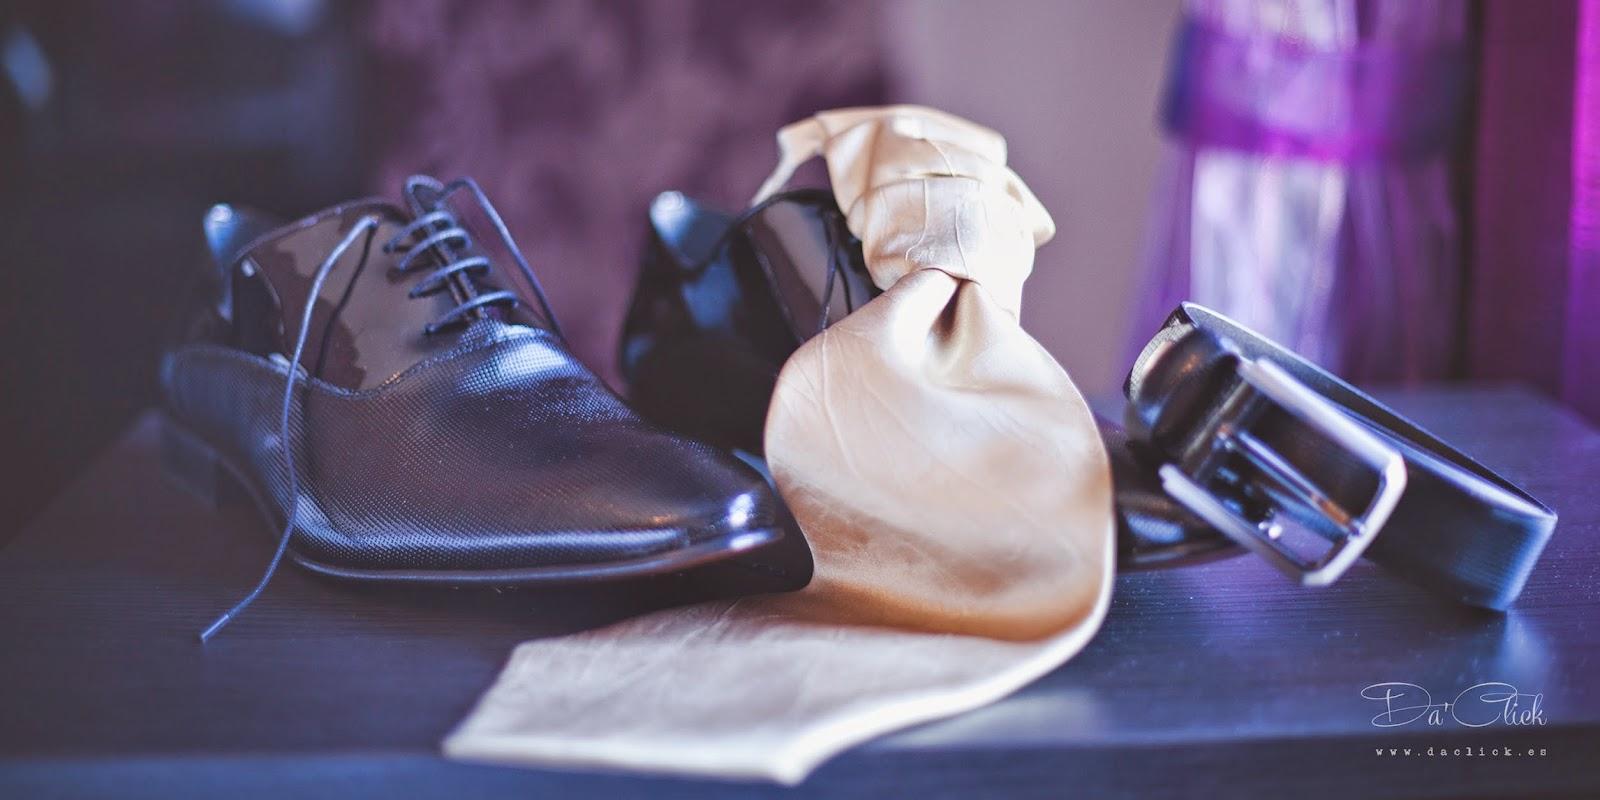 corbata zapatos y cinturón de traje de novio